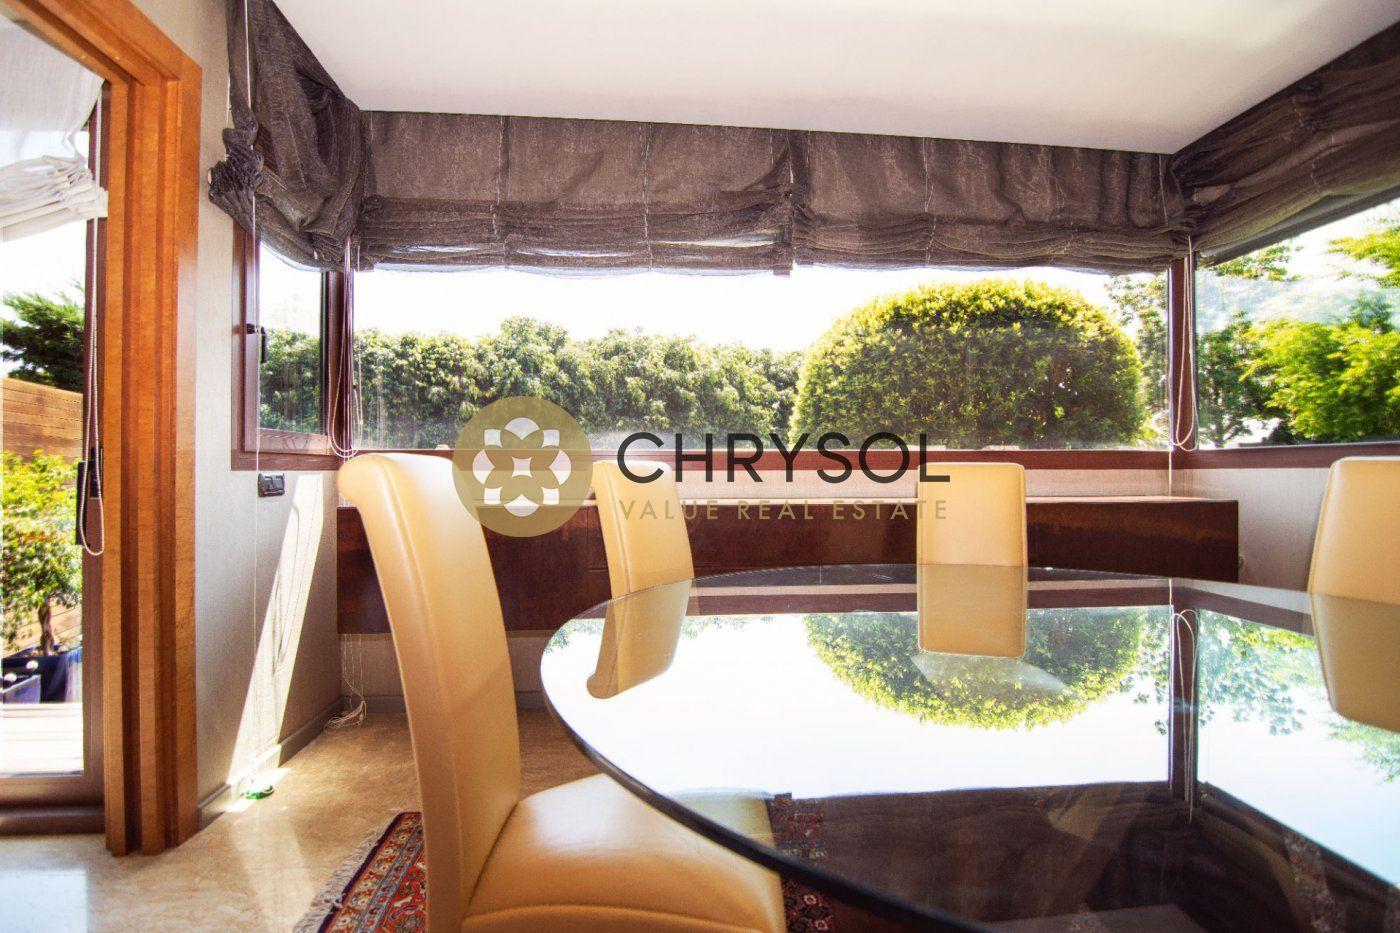 Fotogalería - 44 - Chrysol Value